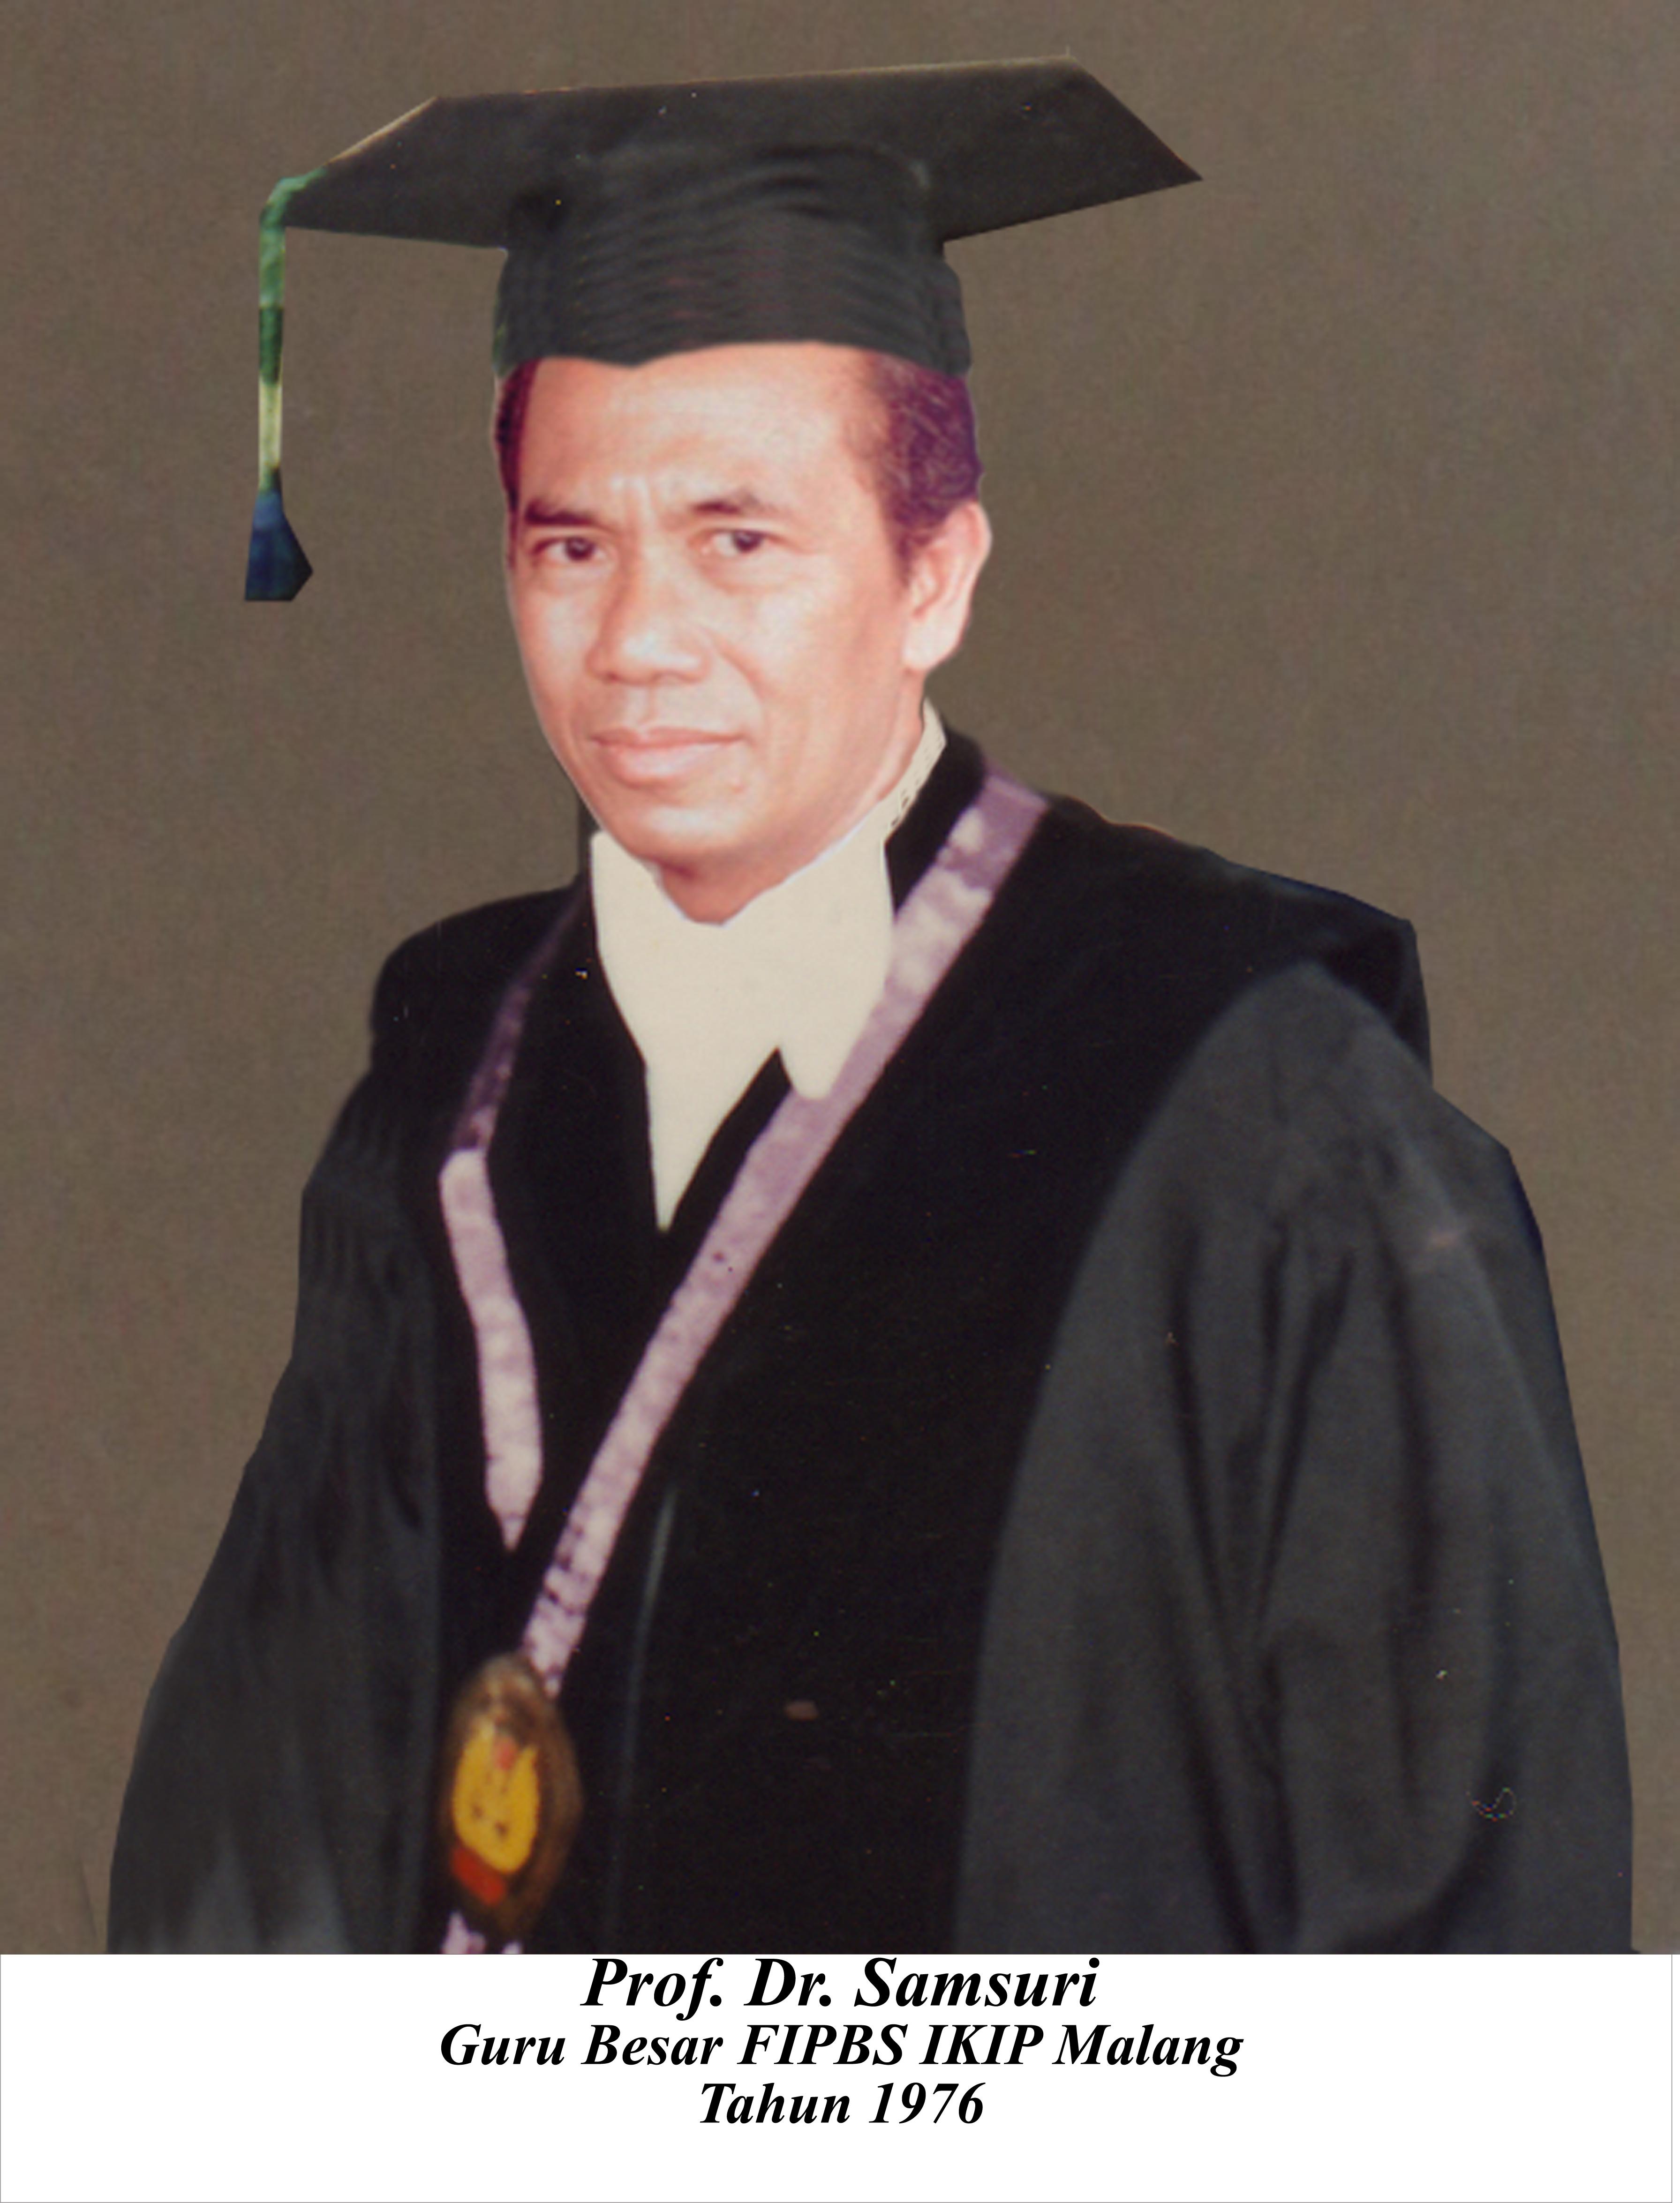 Prof. Samsuri Sebagai begawan linguistik